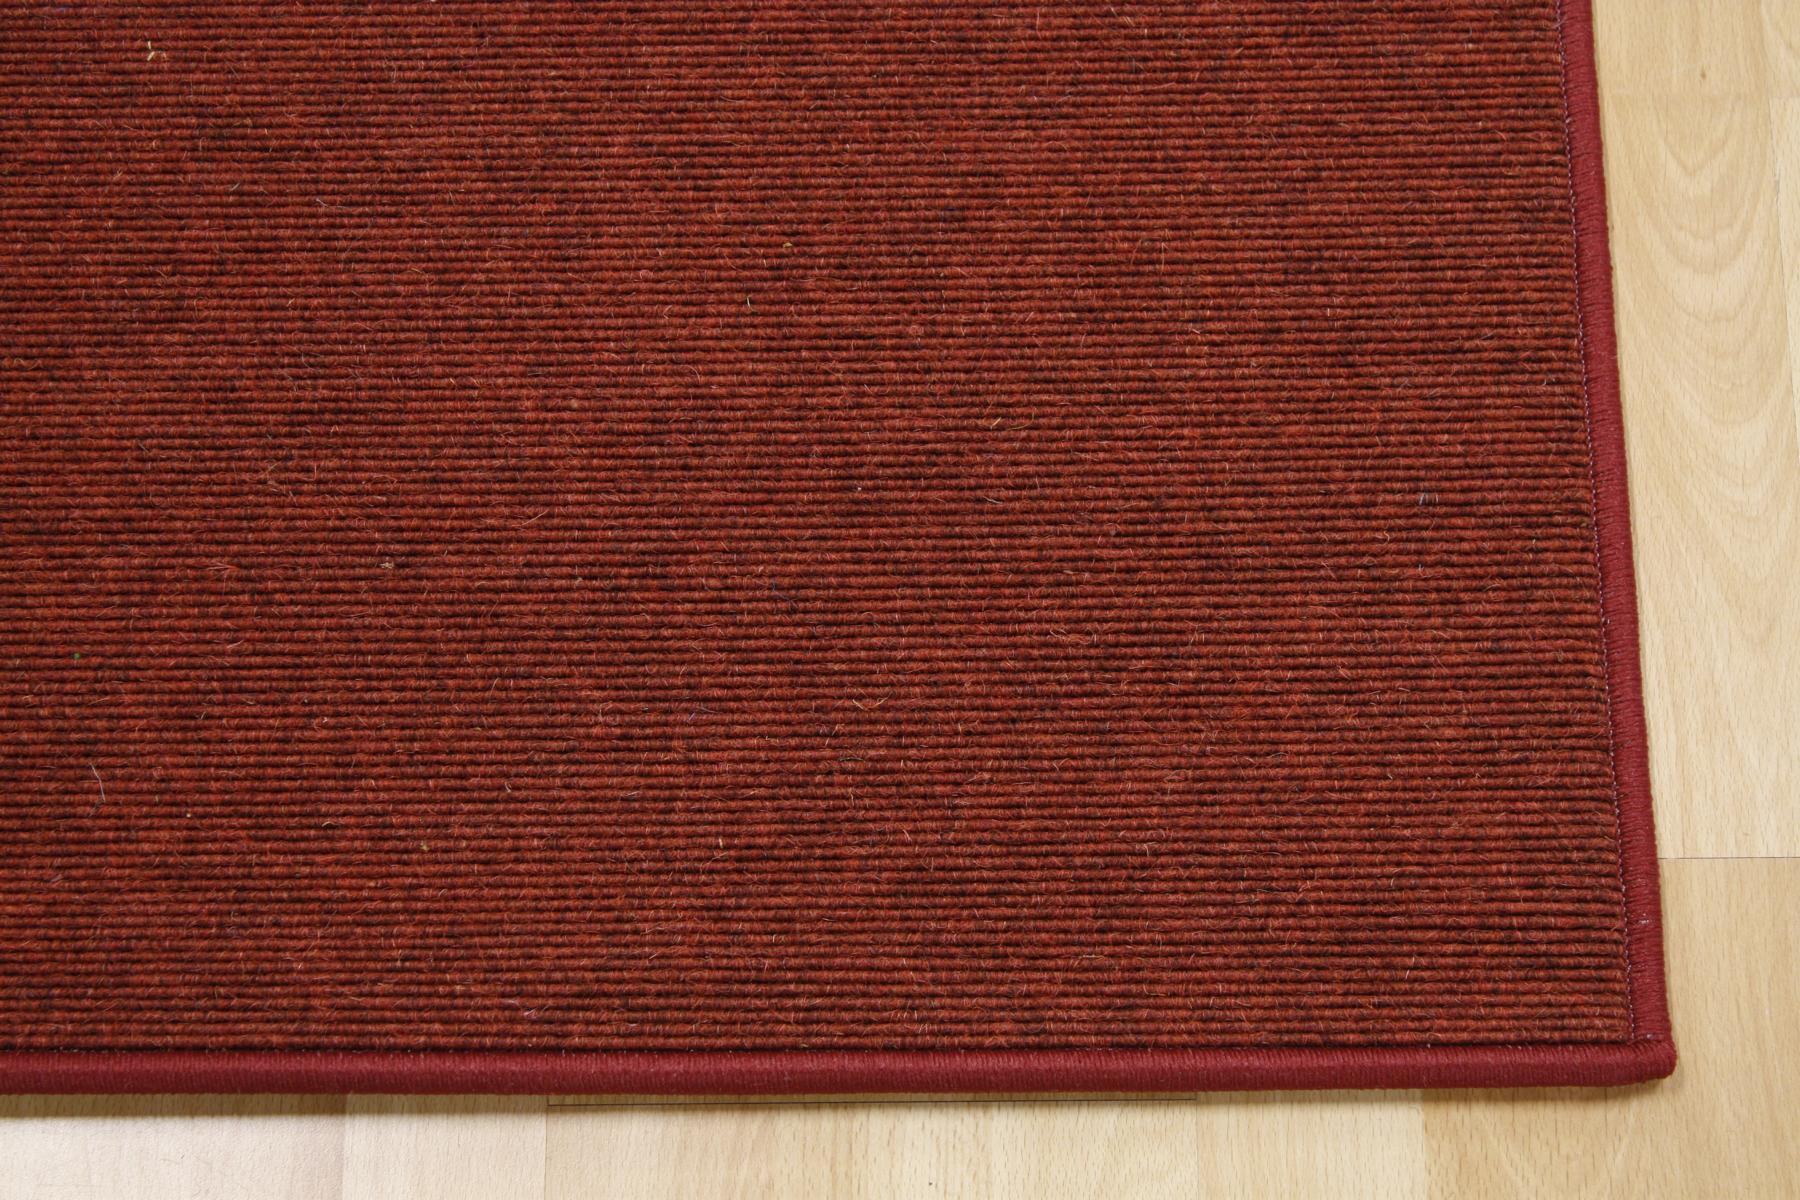 Teppich Tretford 633 umkettelt 100 x 200 cm Ziegenhaar